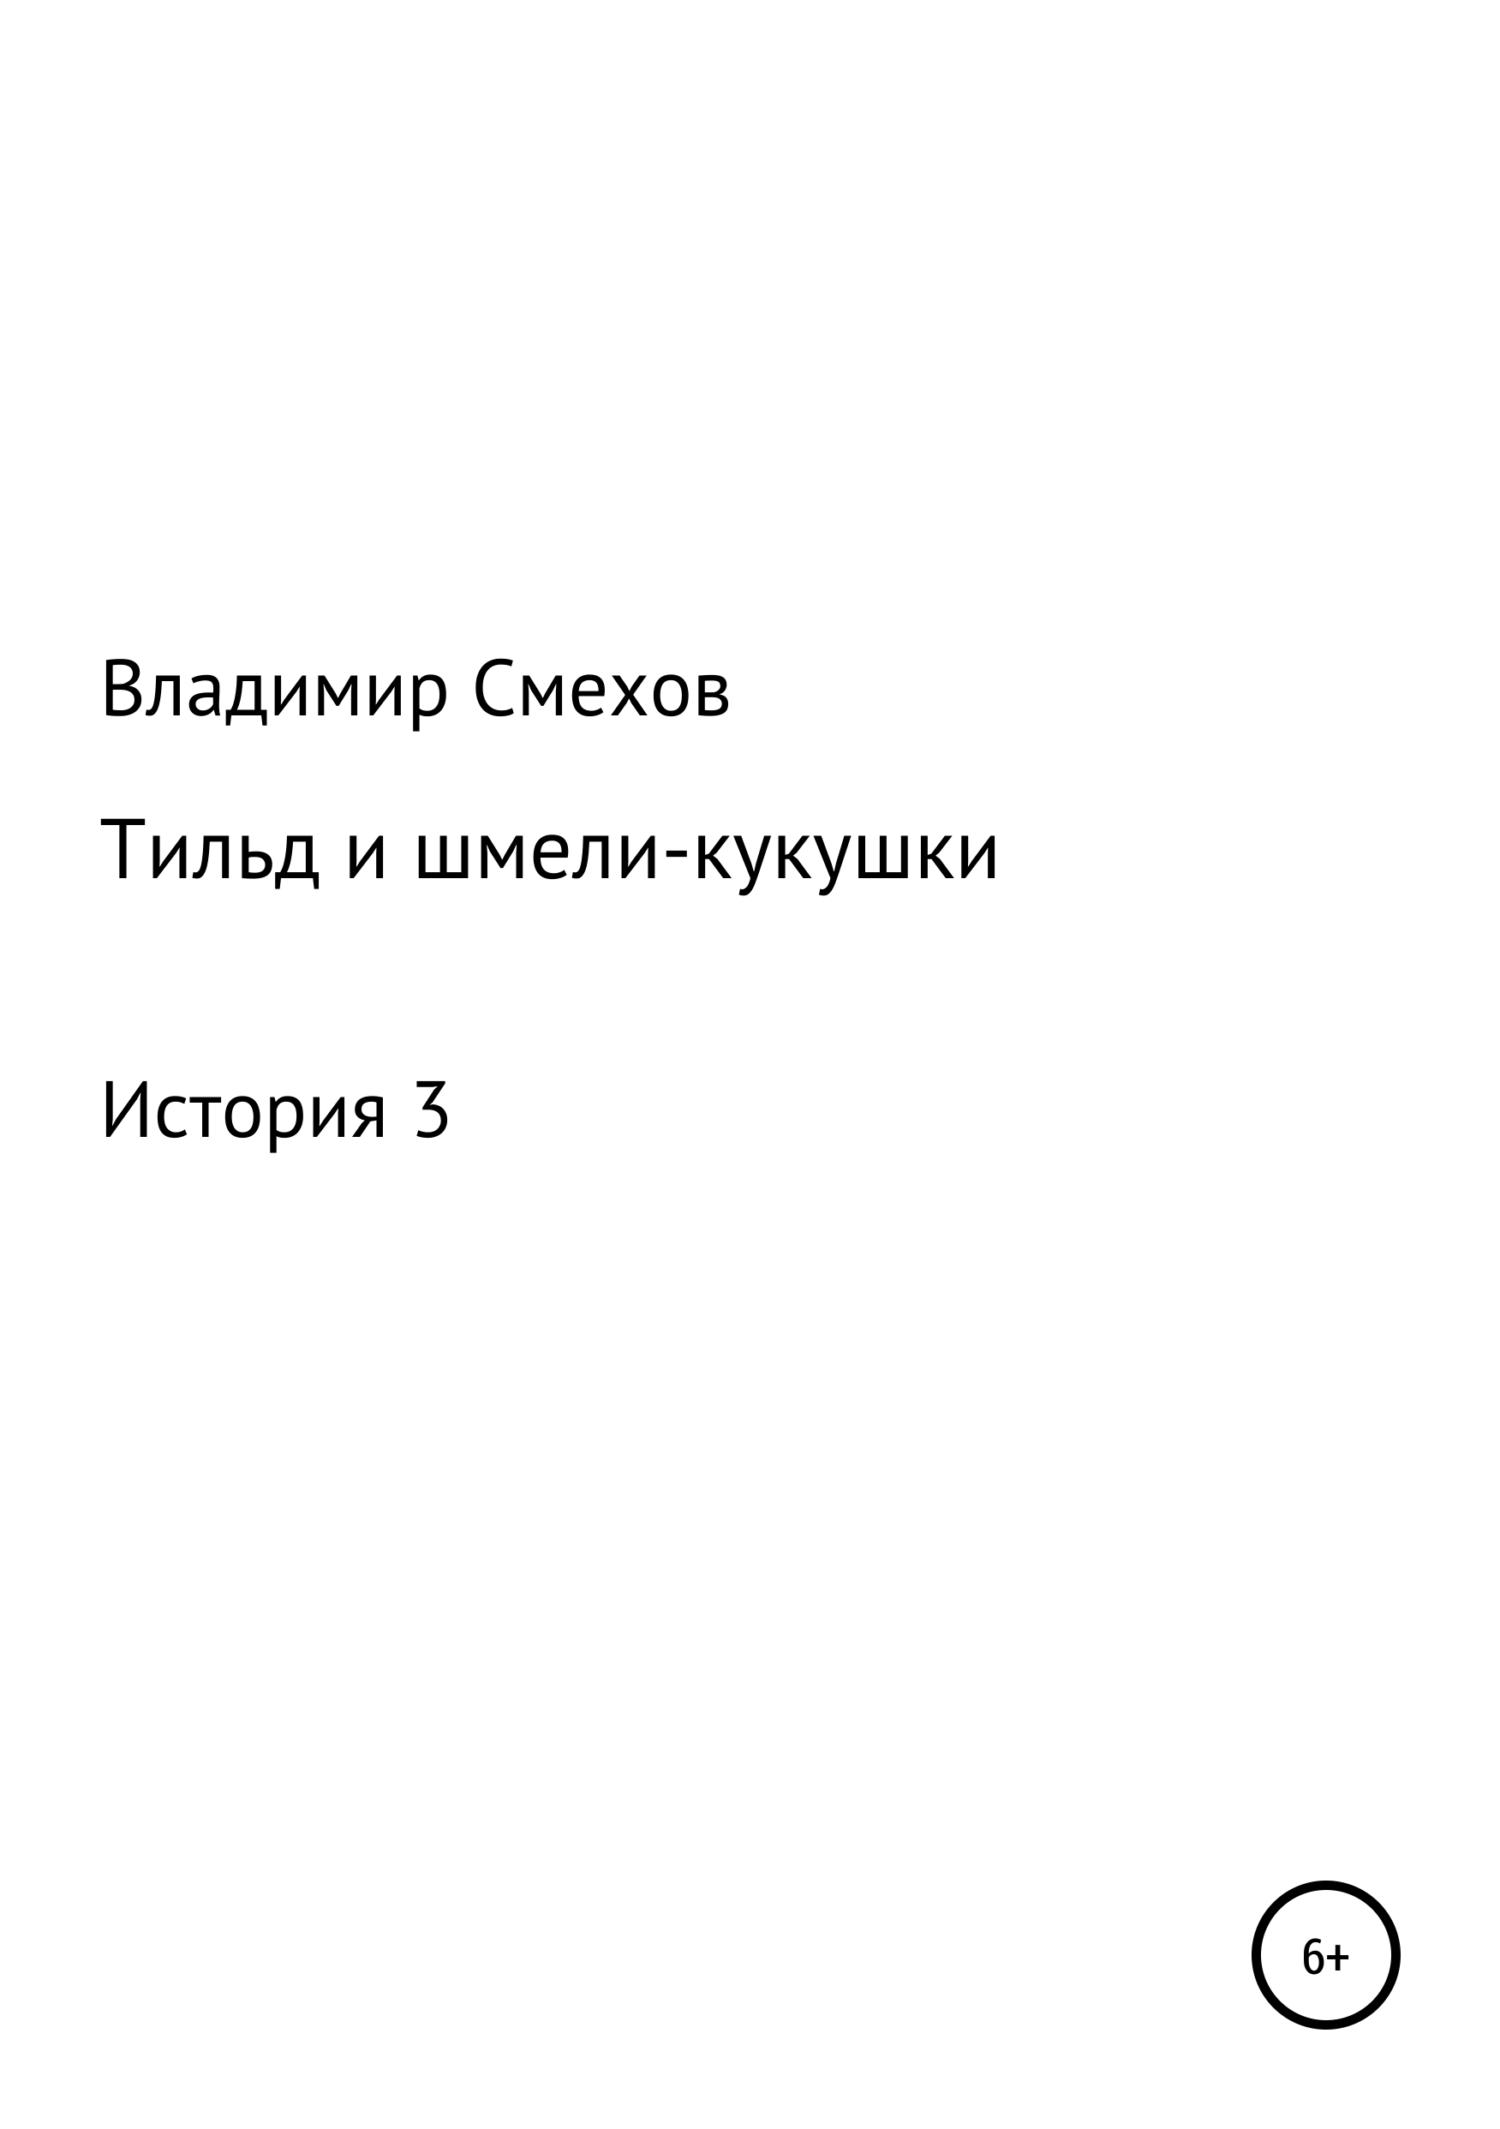 Владимир Анатольевич Смехов Тильд и шмели-кукушки. История 3